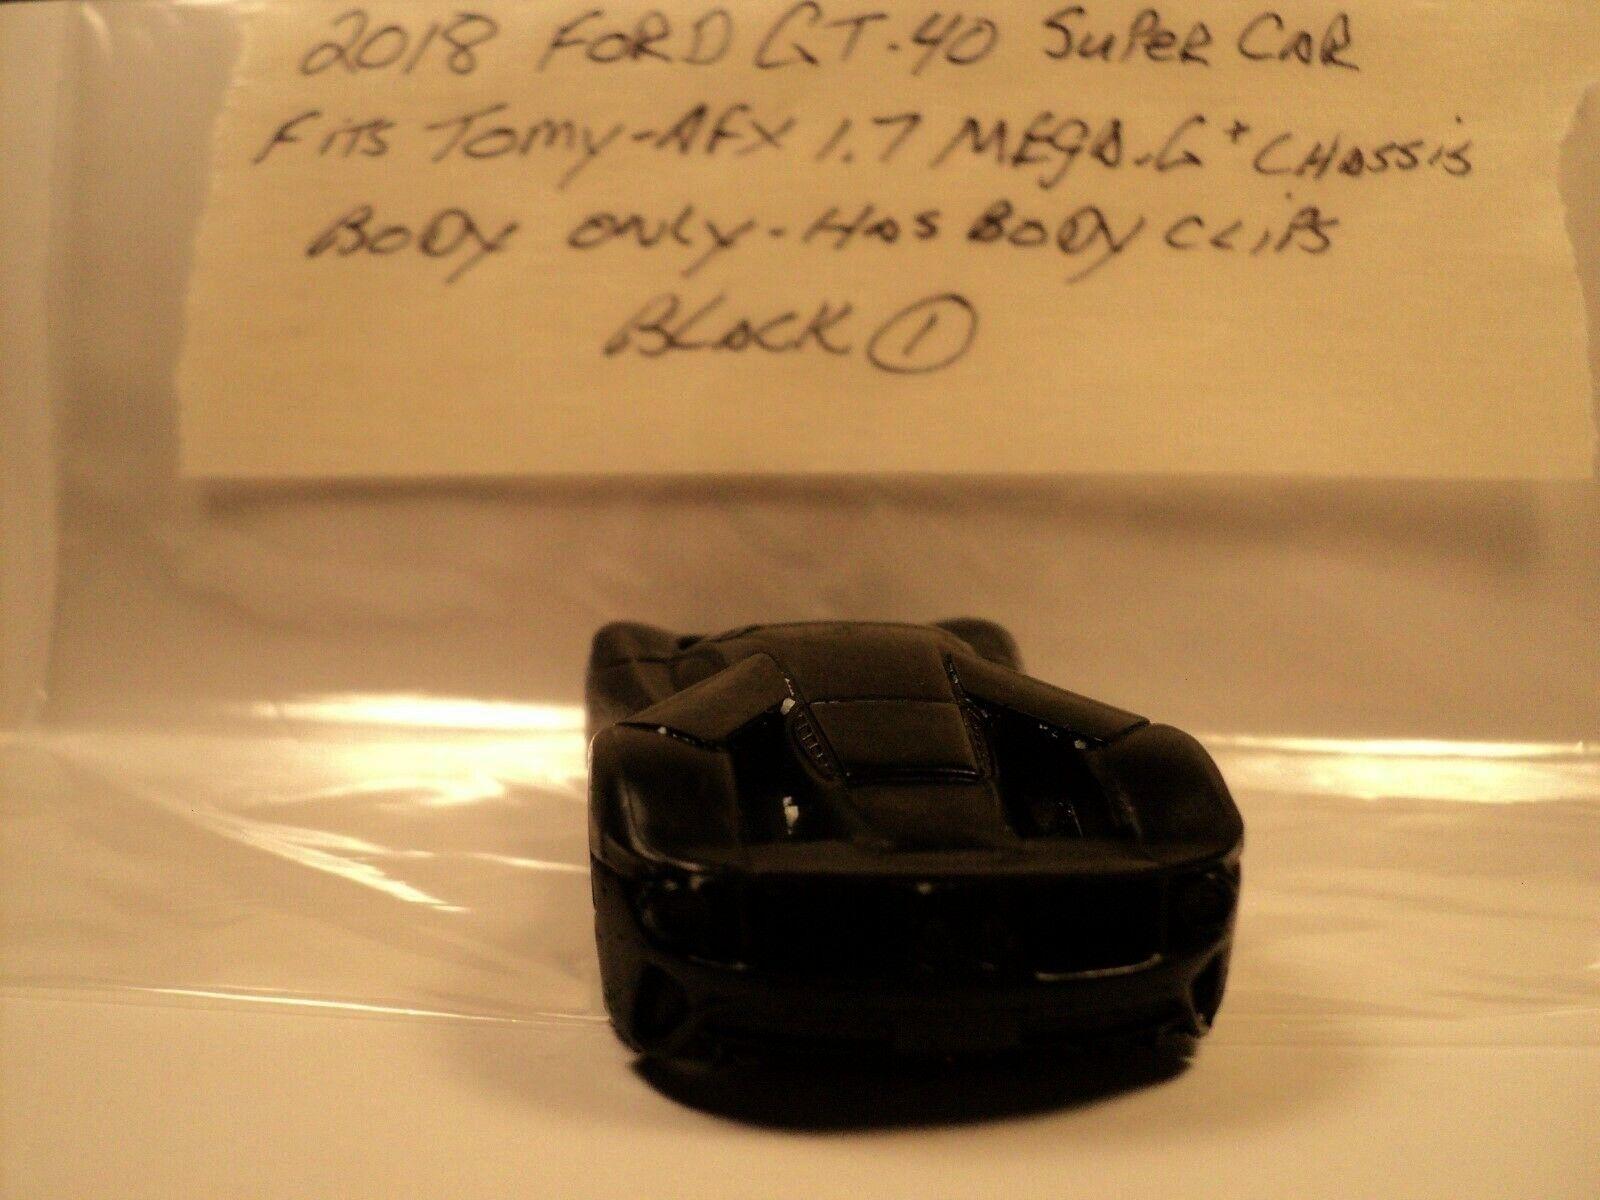 link) HO Slot Car Body Ford GT-40 Super Car (BLACK-1) AFX/TOMY 1.7 Mega-G Chassis $4.99(eBay link)